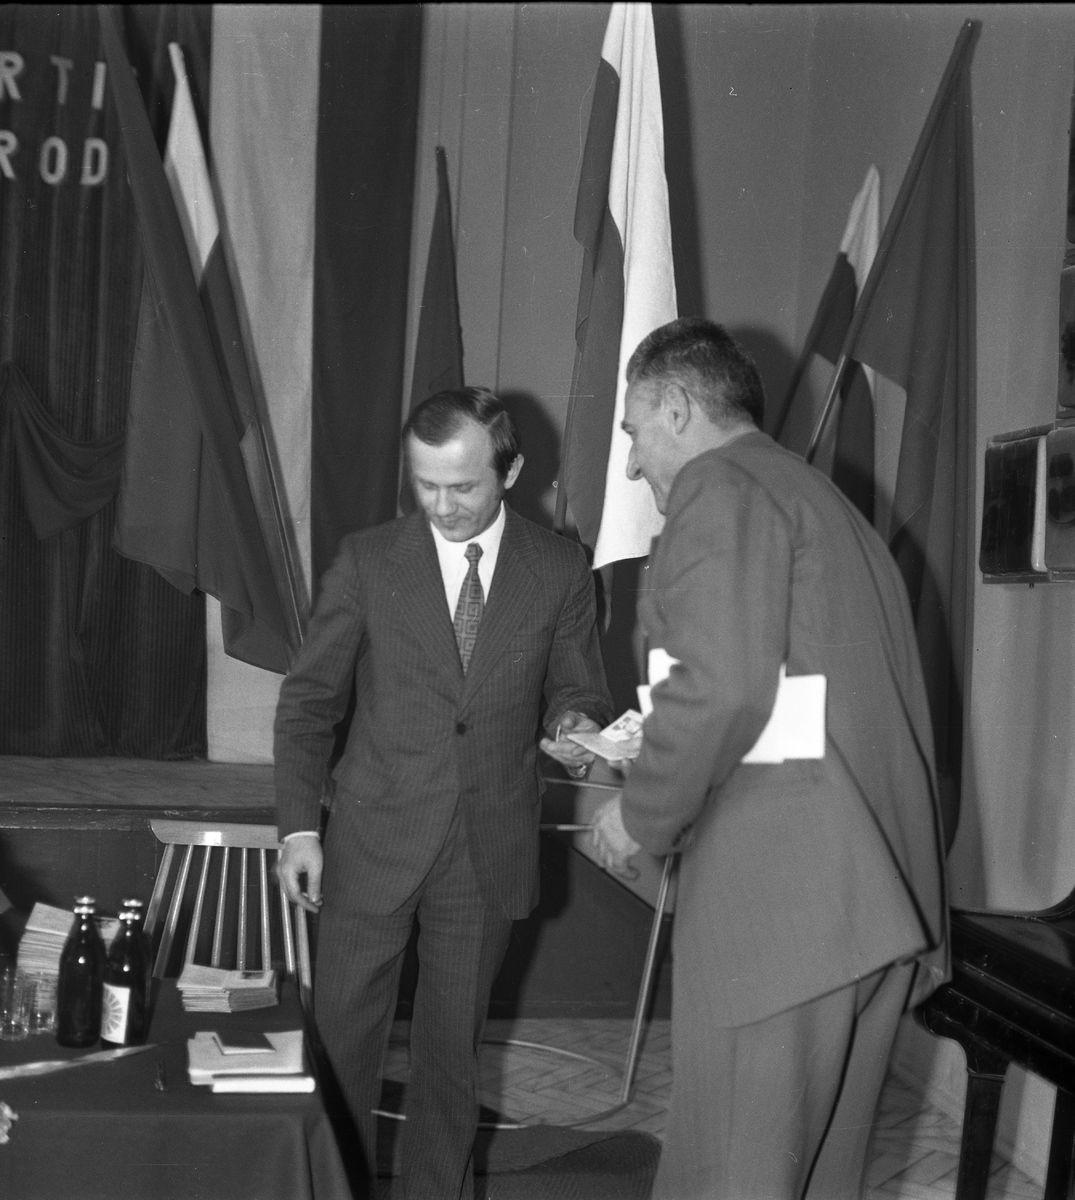 Zebranie partyjne PZPR w Zakładach Rybnych, 1975 r. [6]